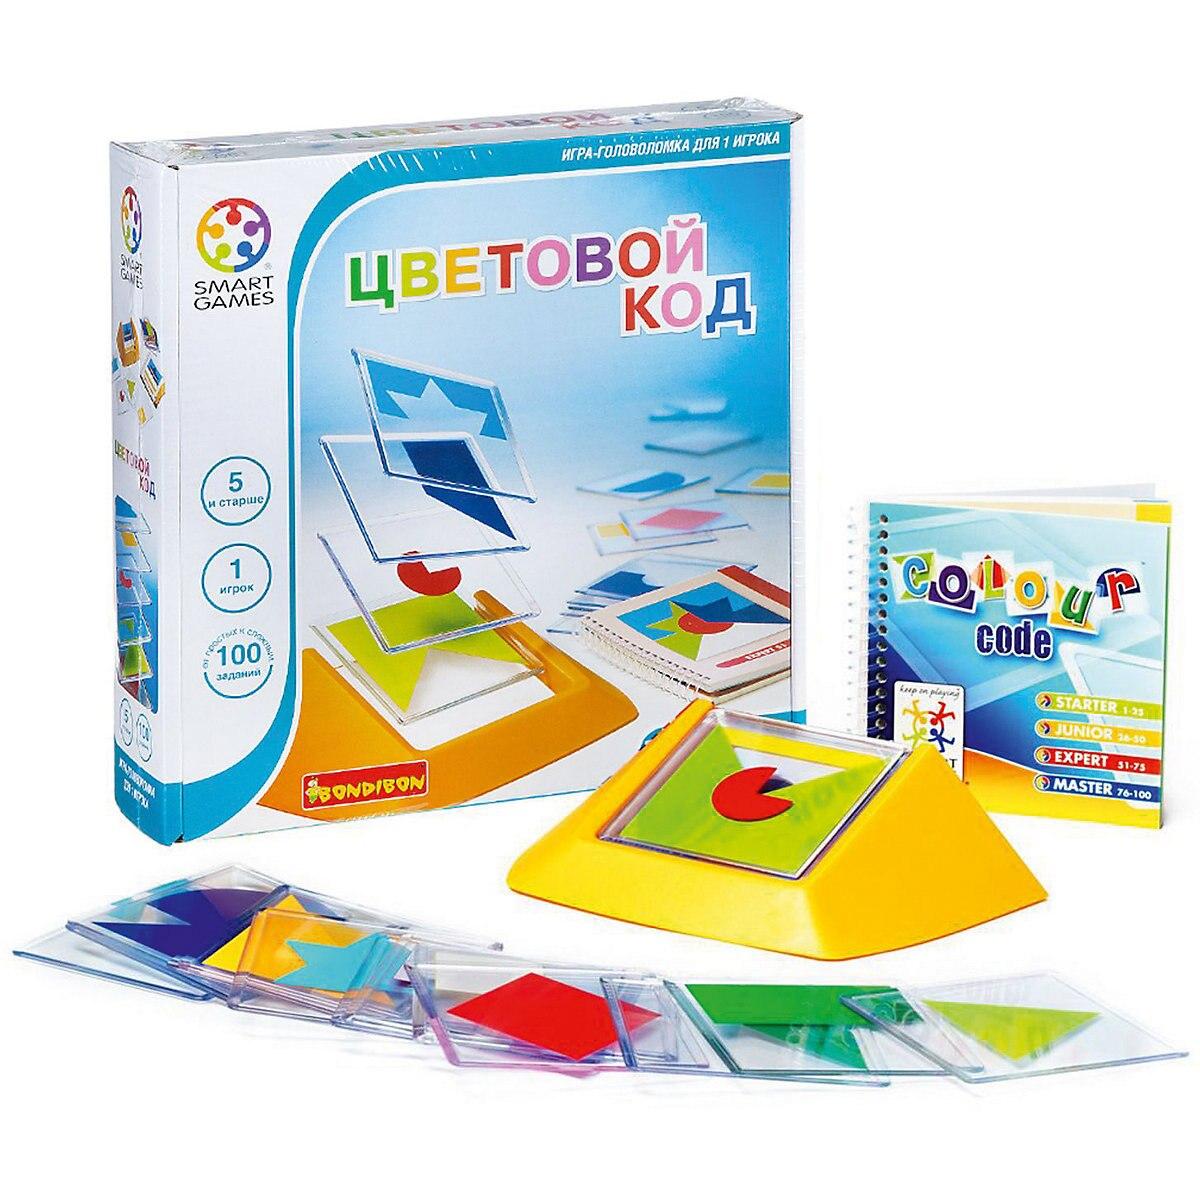 Bondibon jeux de fête 5451752 jeu de société motricité fine pour l'entreprise développement jeu fille garçon amis MTpromo